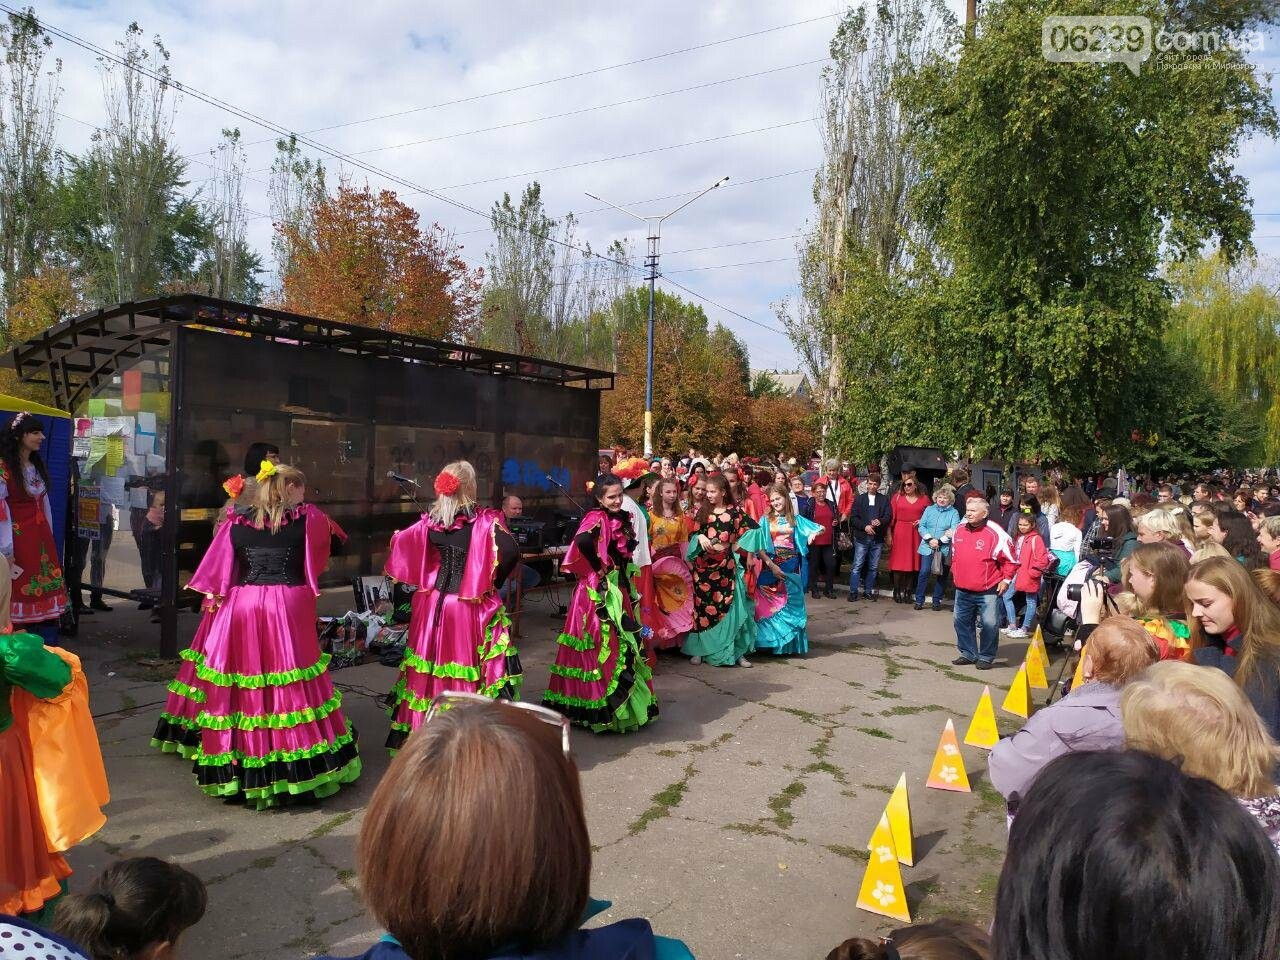 На выходных в Мирнограде состоялся яркий и масштабный праздник «Мирноградская осень» - фотоотчет , фото-9